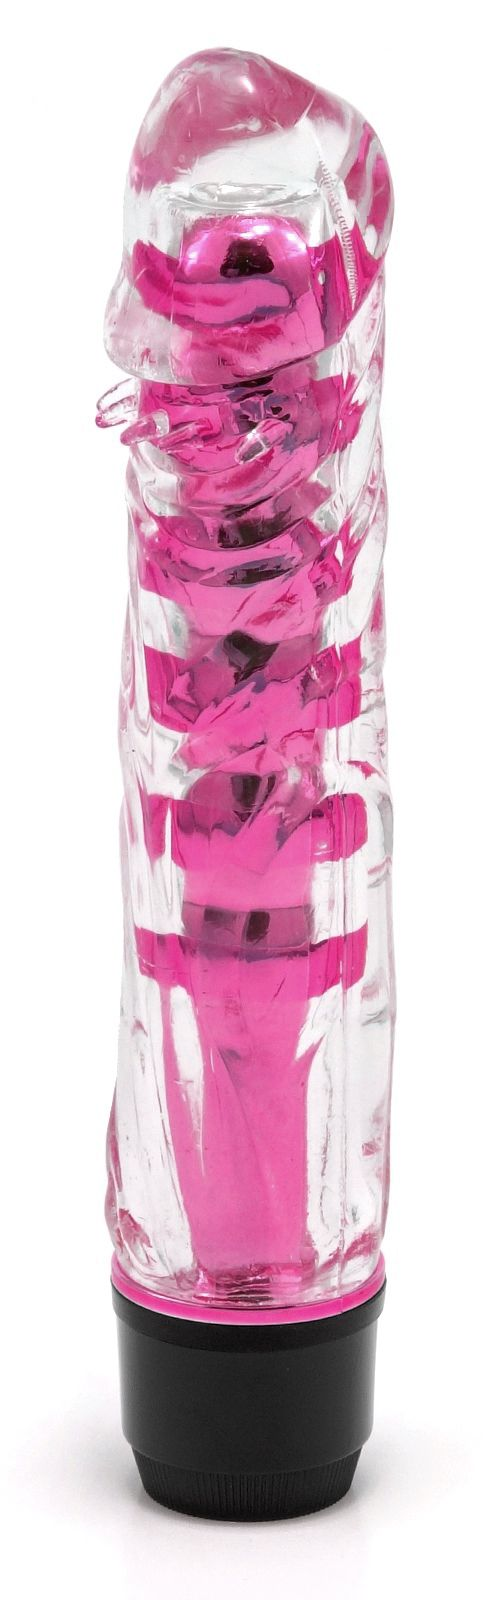 Vibrátor - tmavě růžový (17,5 cm)